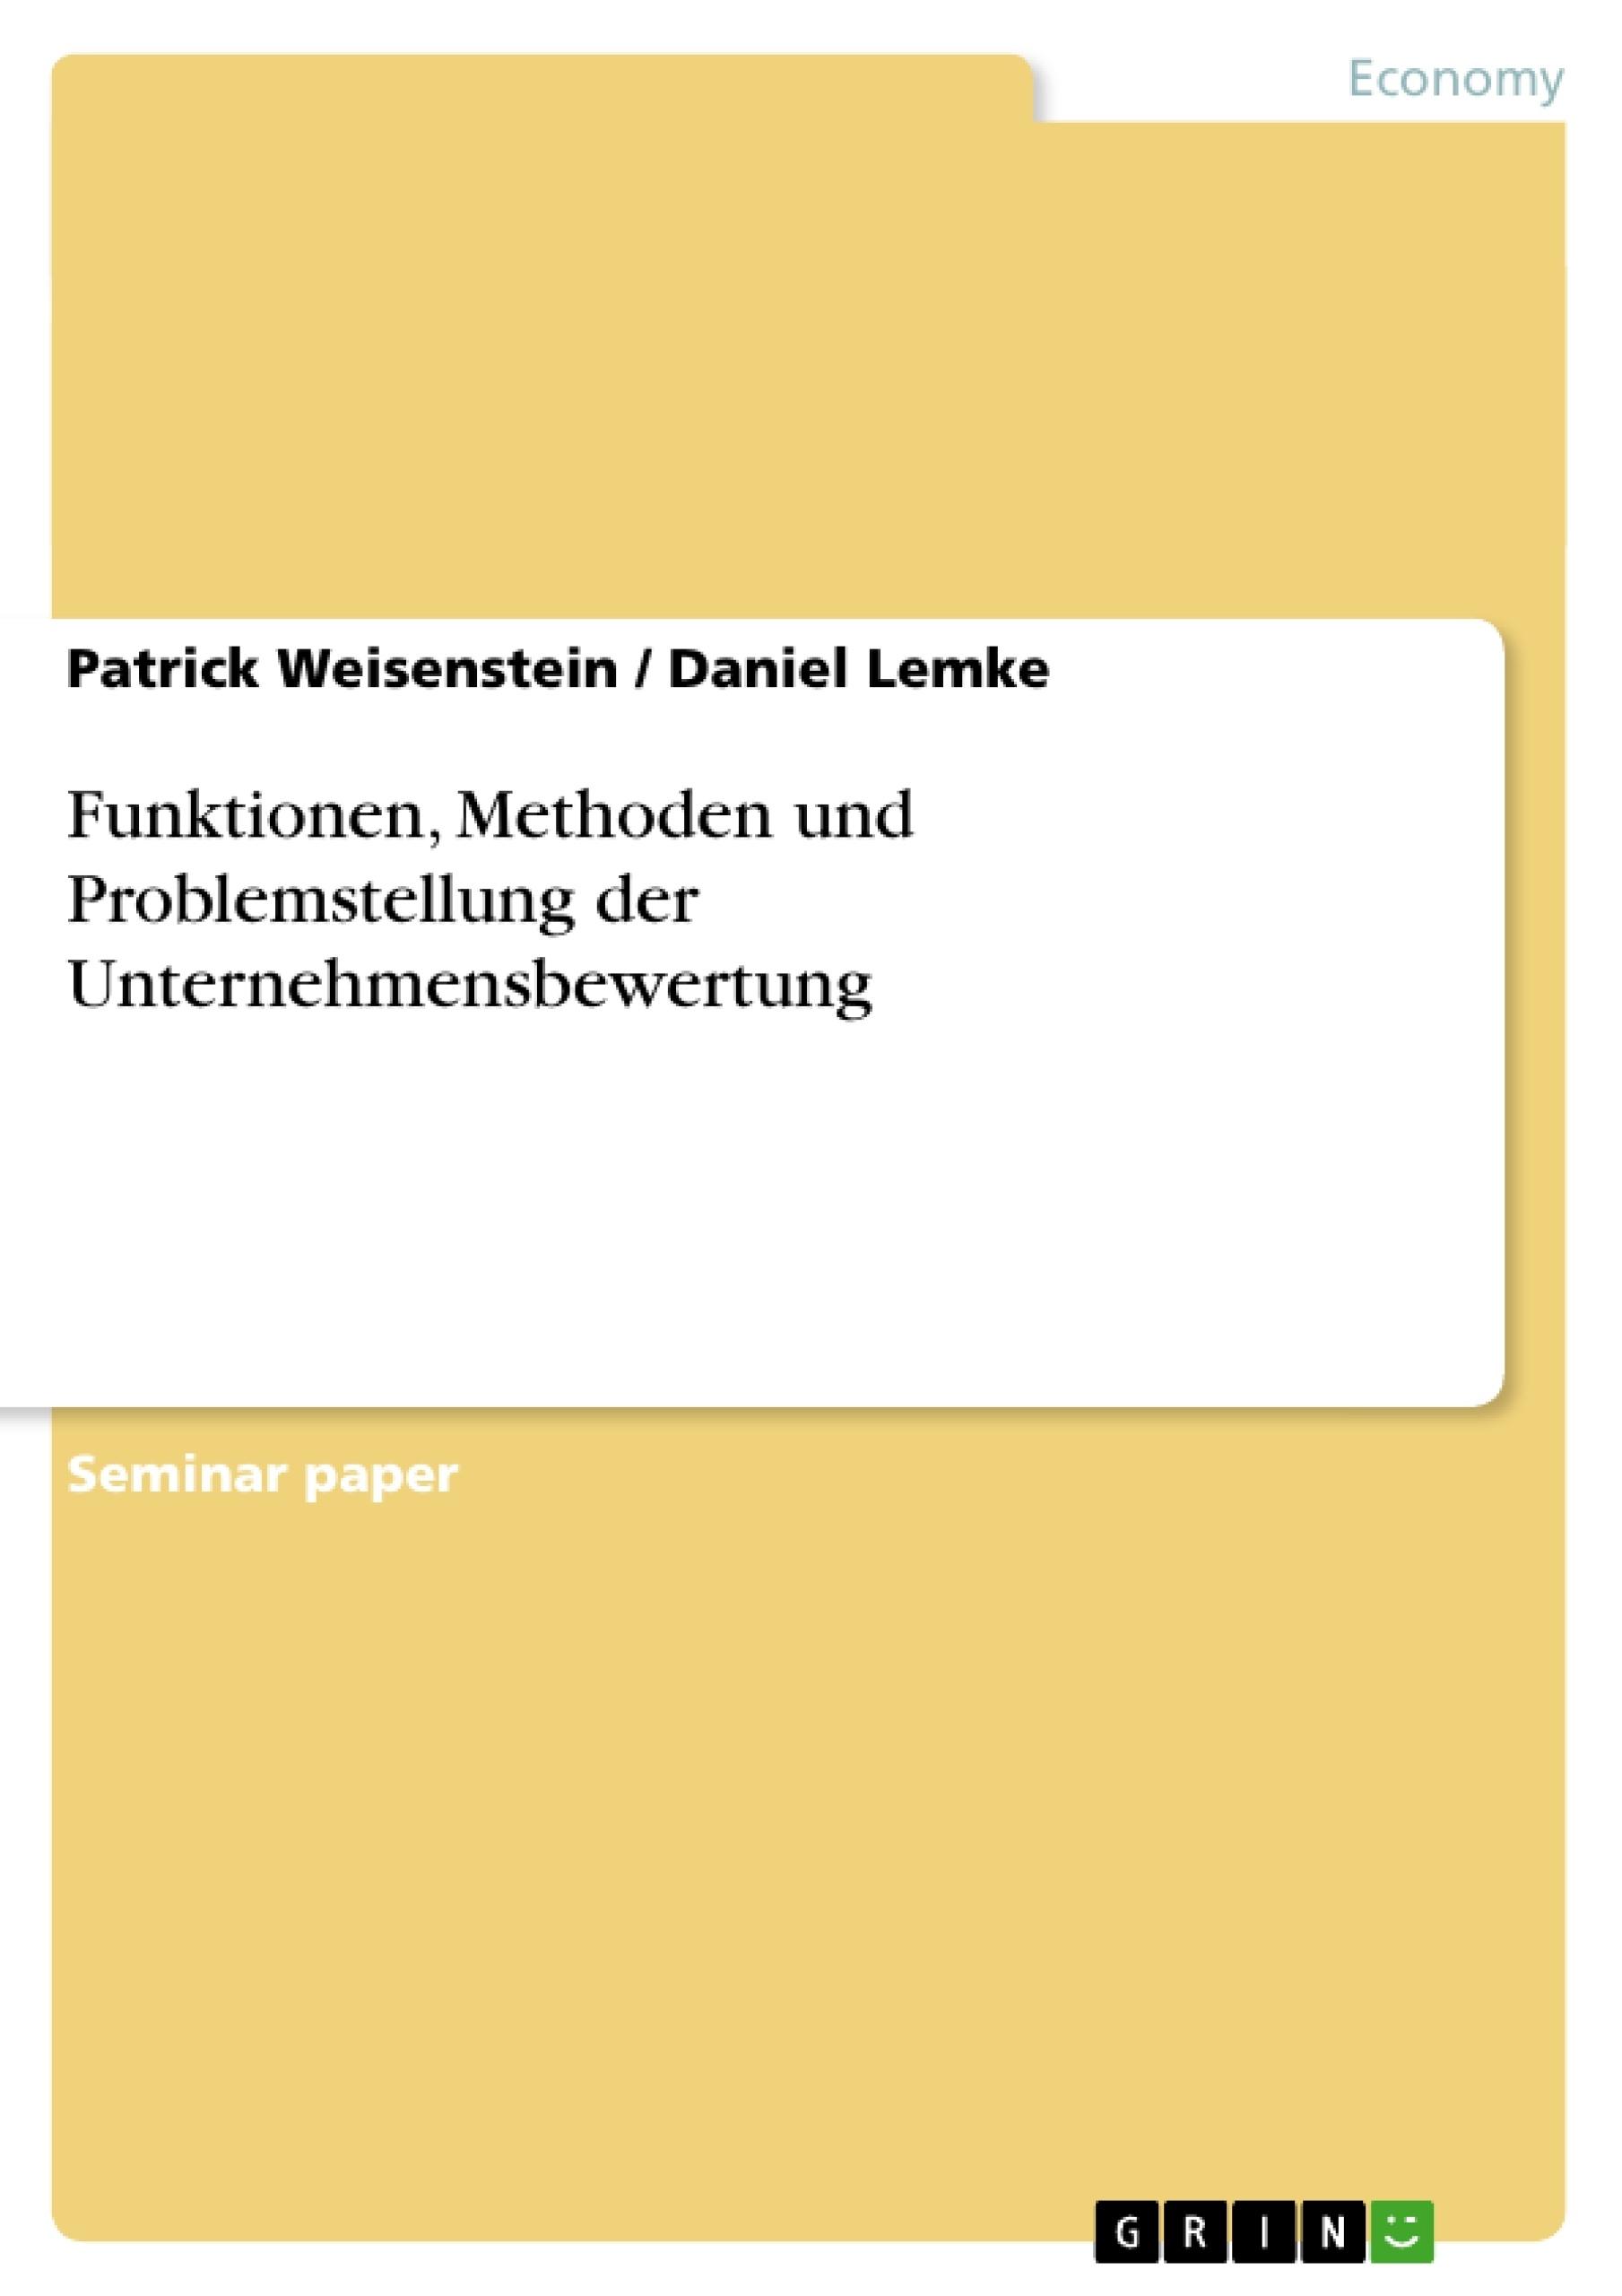 Title: Funktionen, Methoden und Problemstellung der Unternehmensbewertung